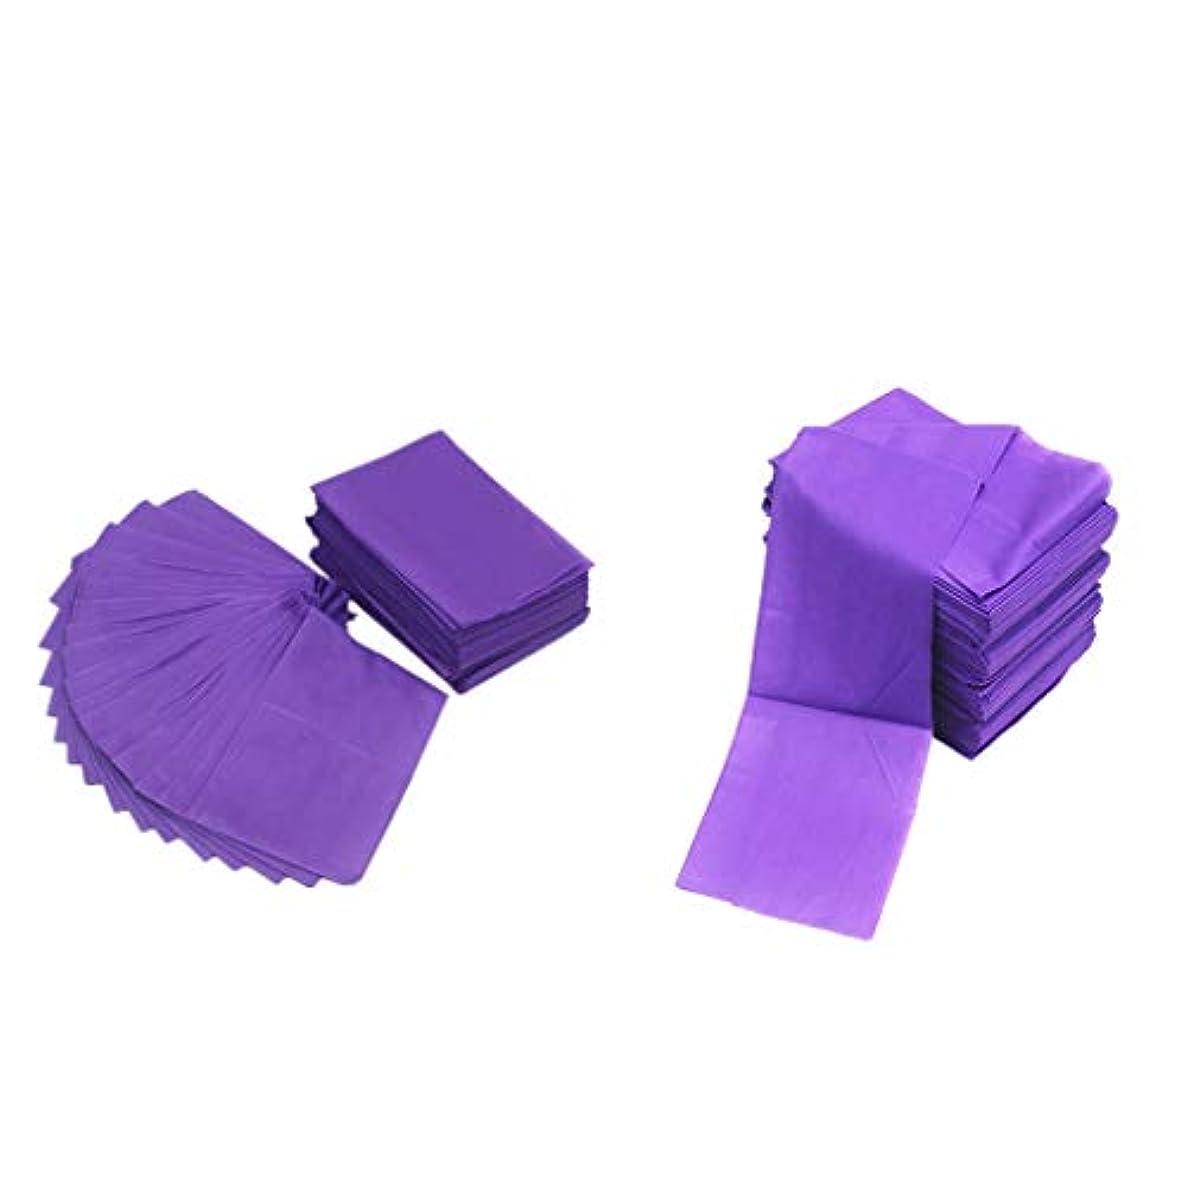 ラオス人奨励しますジャンプするテーブルシーツ ベッドカバー マッサージ ベットシート 不織布 使い捨て 防水 パープル 20ピースセット